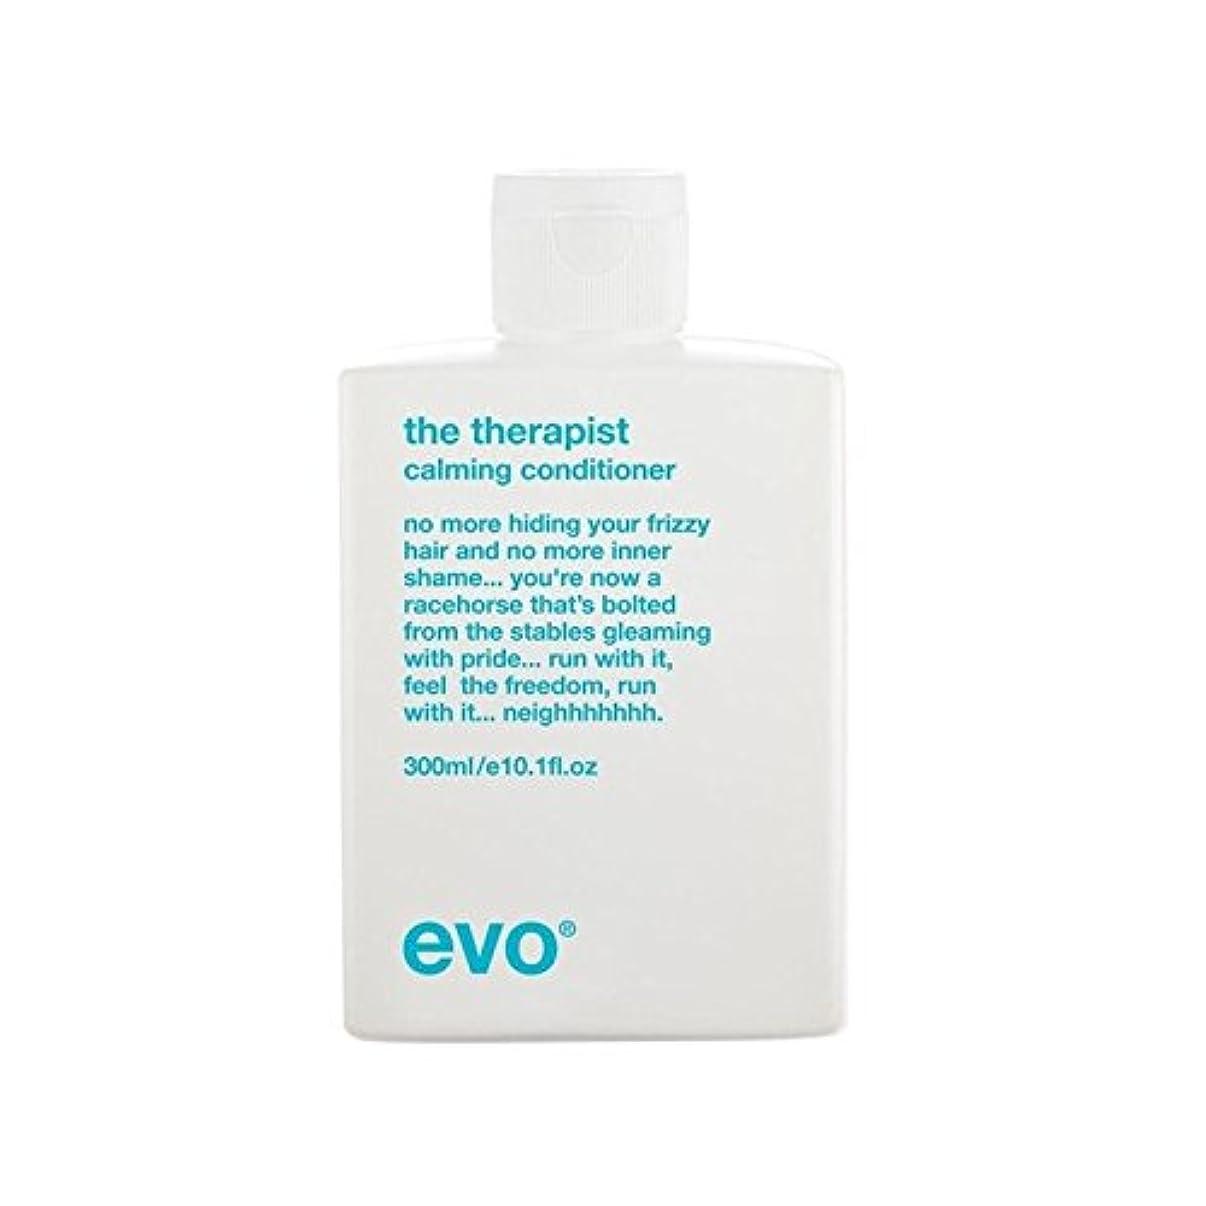 上昇愛する未満セラピスト沈静コンディショナー(300ミリリットル) x4 - Evo The Therapist Calming Conditioner (300ml) (Pack of 4) [並行輸入品]